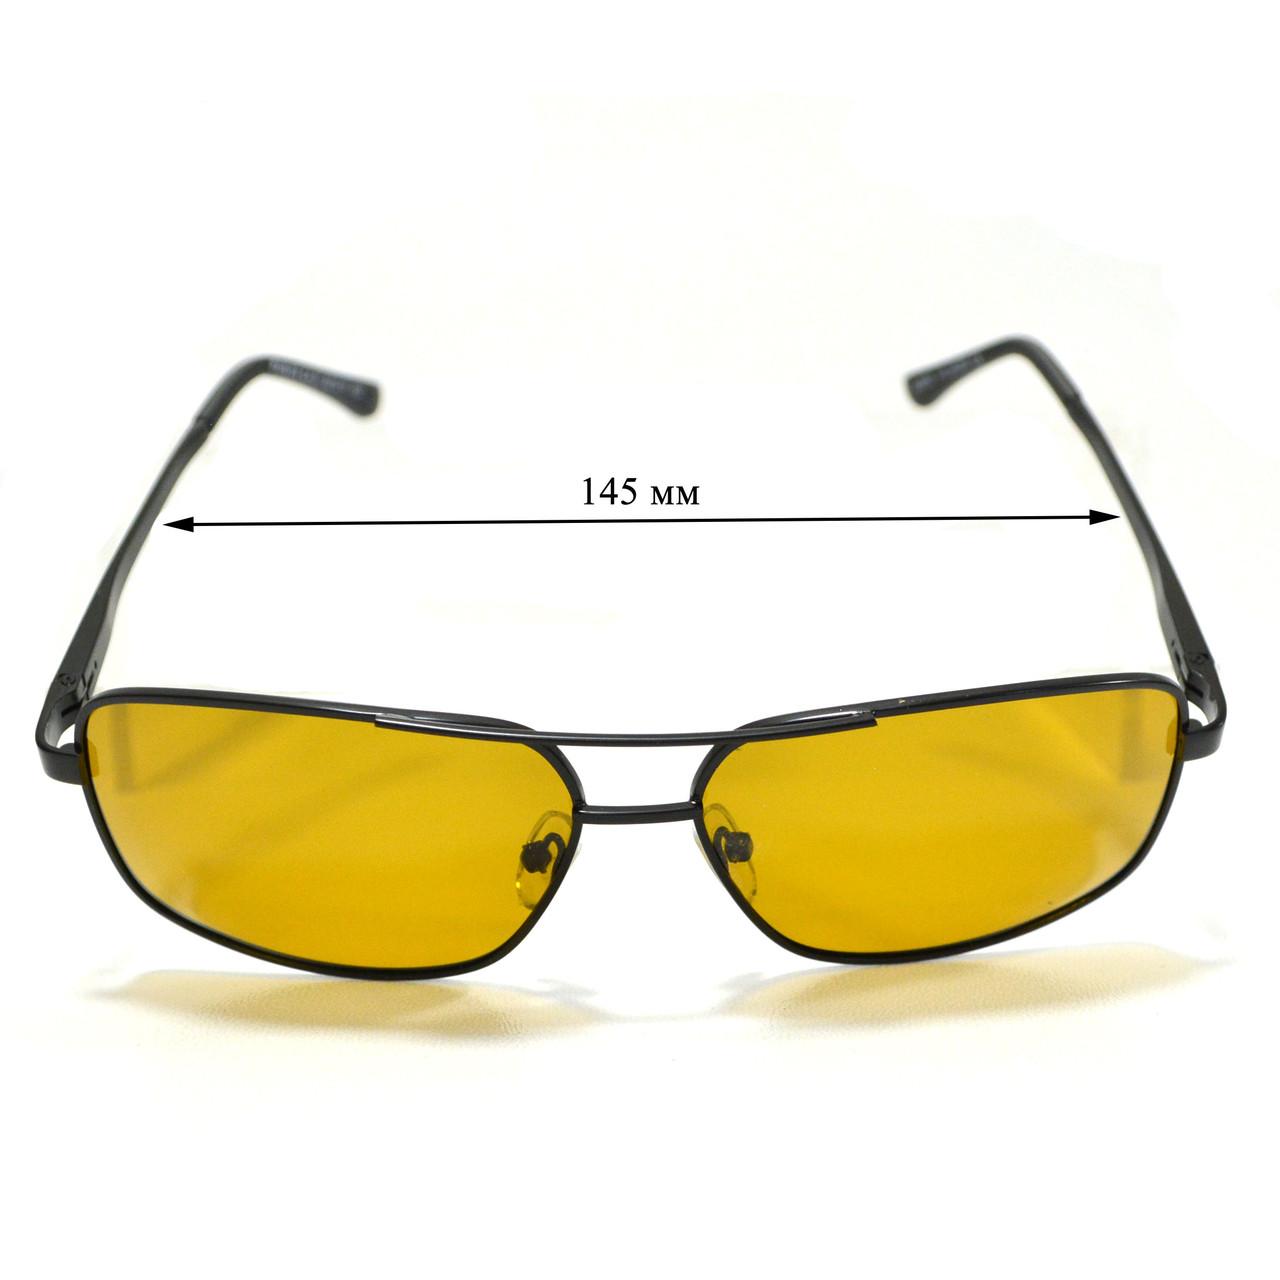 Солнцезащитные поляризационные очки ПОЛАРОИД UV400 тонкая сдвоенная оправа коричневые стекла АВТО PX16119 - фото 3